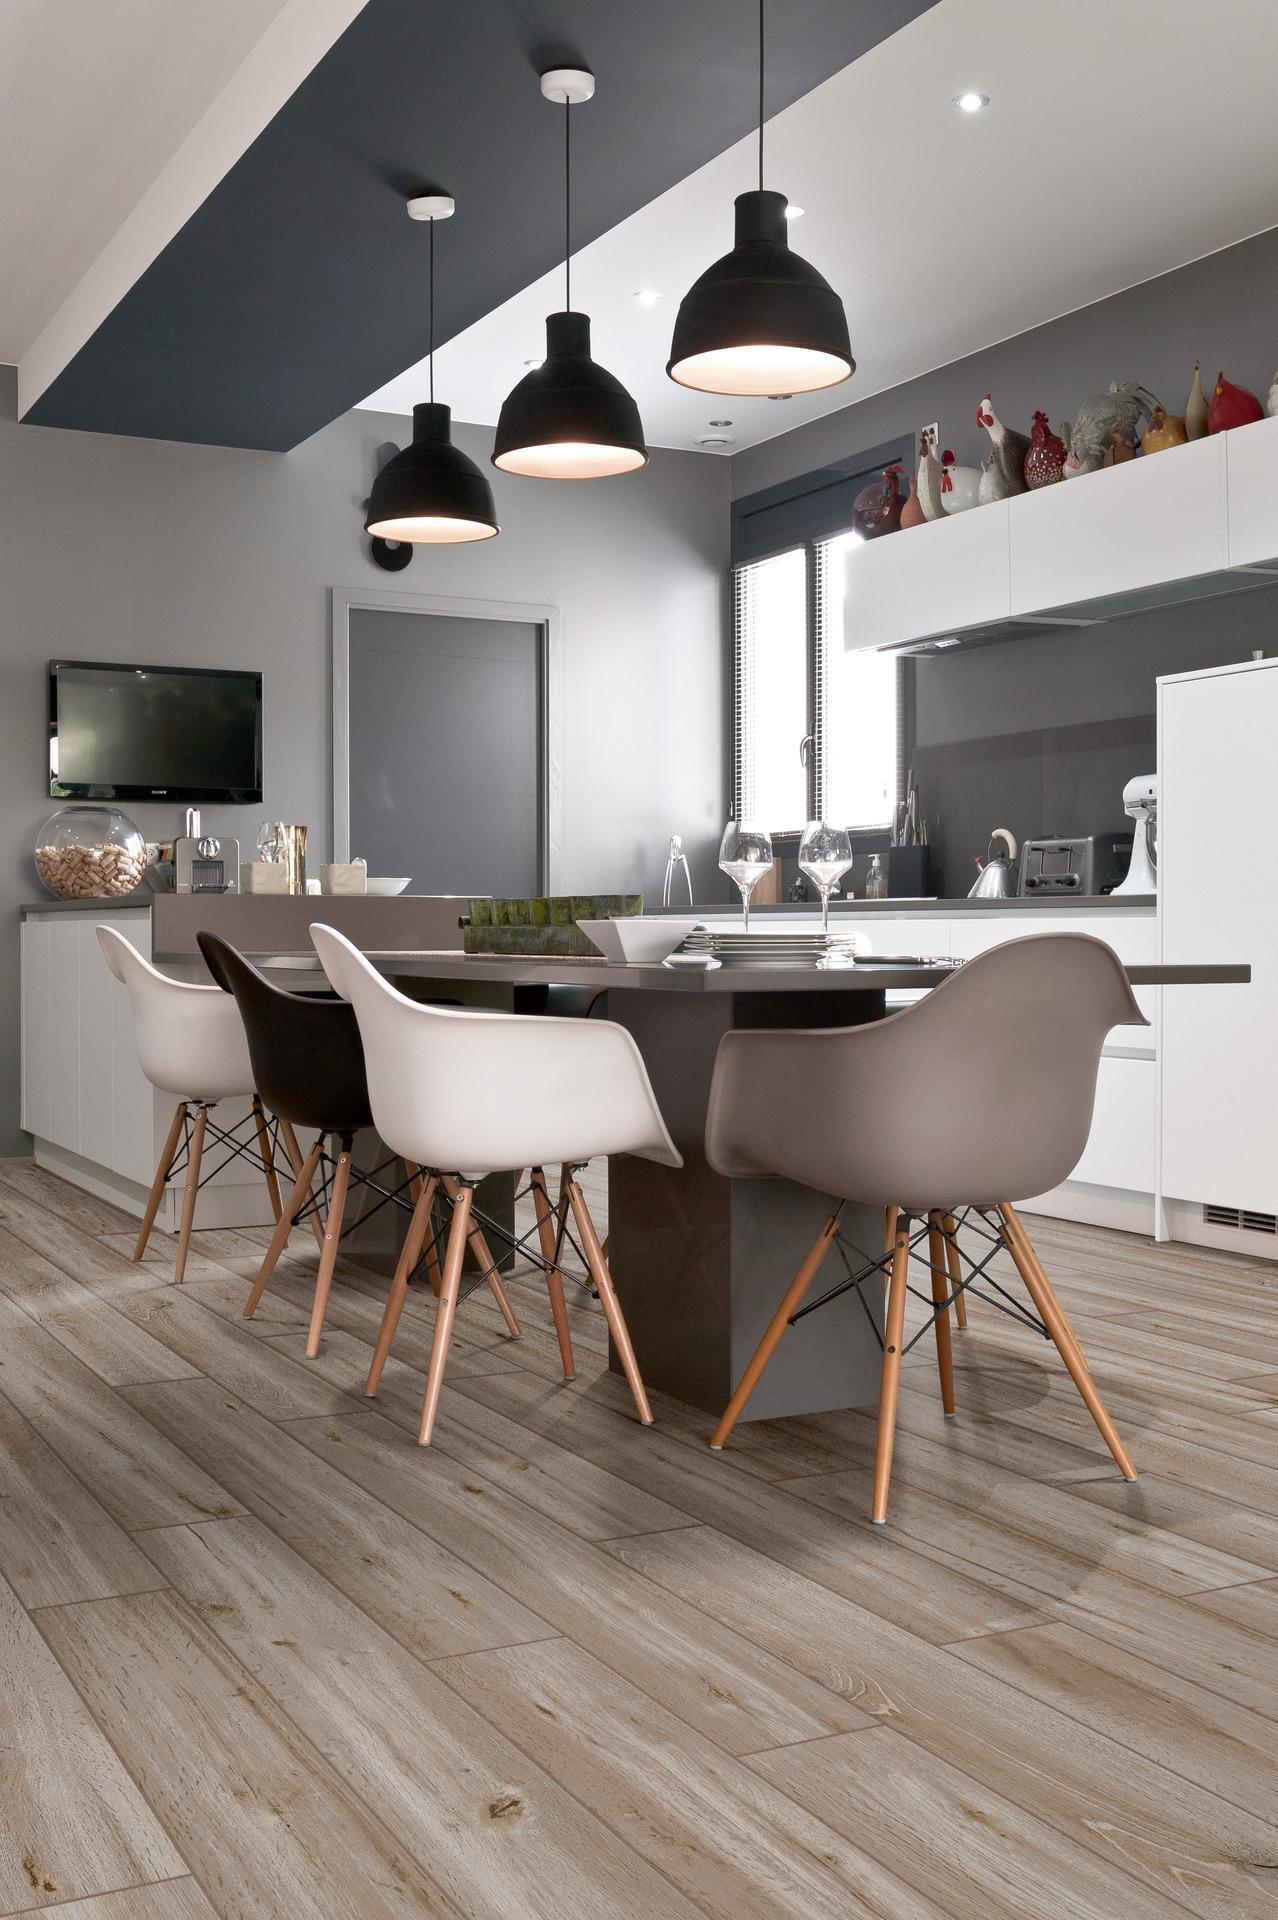 Wood Effect And Hardwood Porcelain Stoneware Marazzi - Carrelage e wood